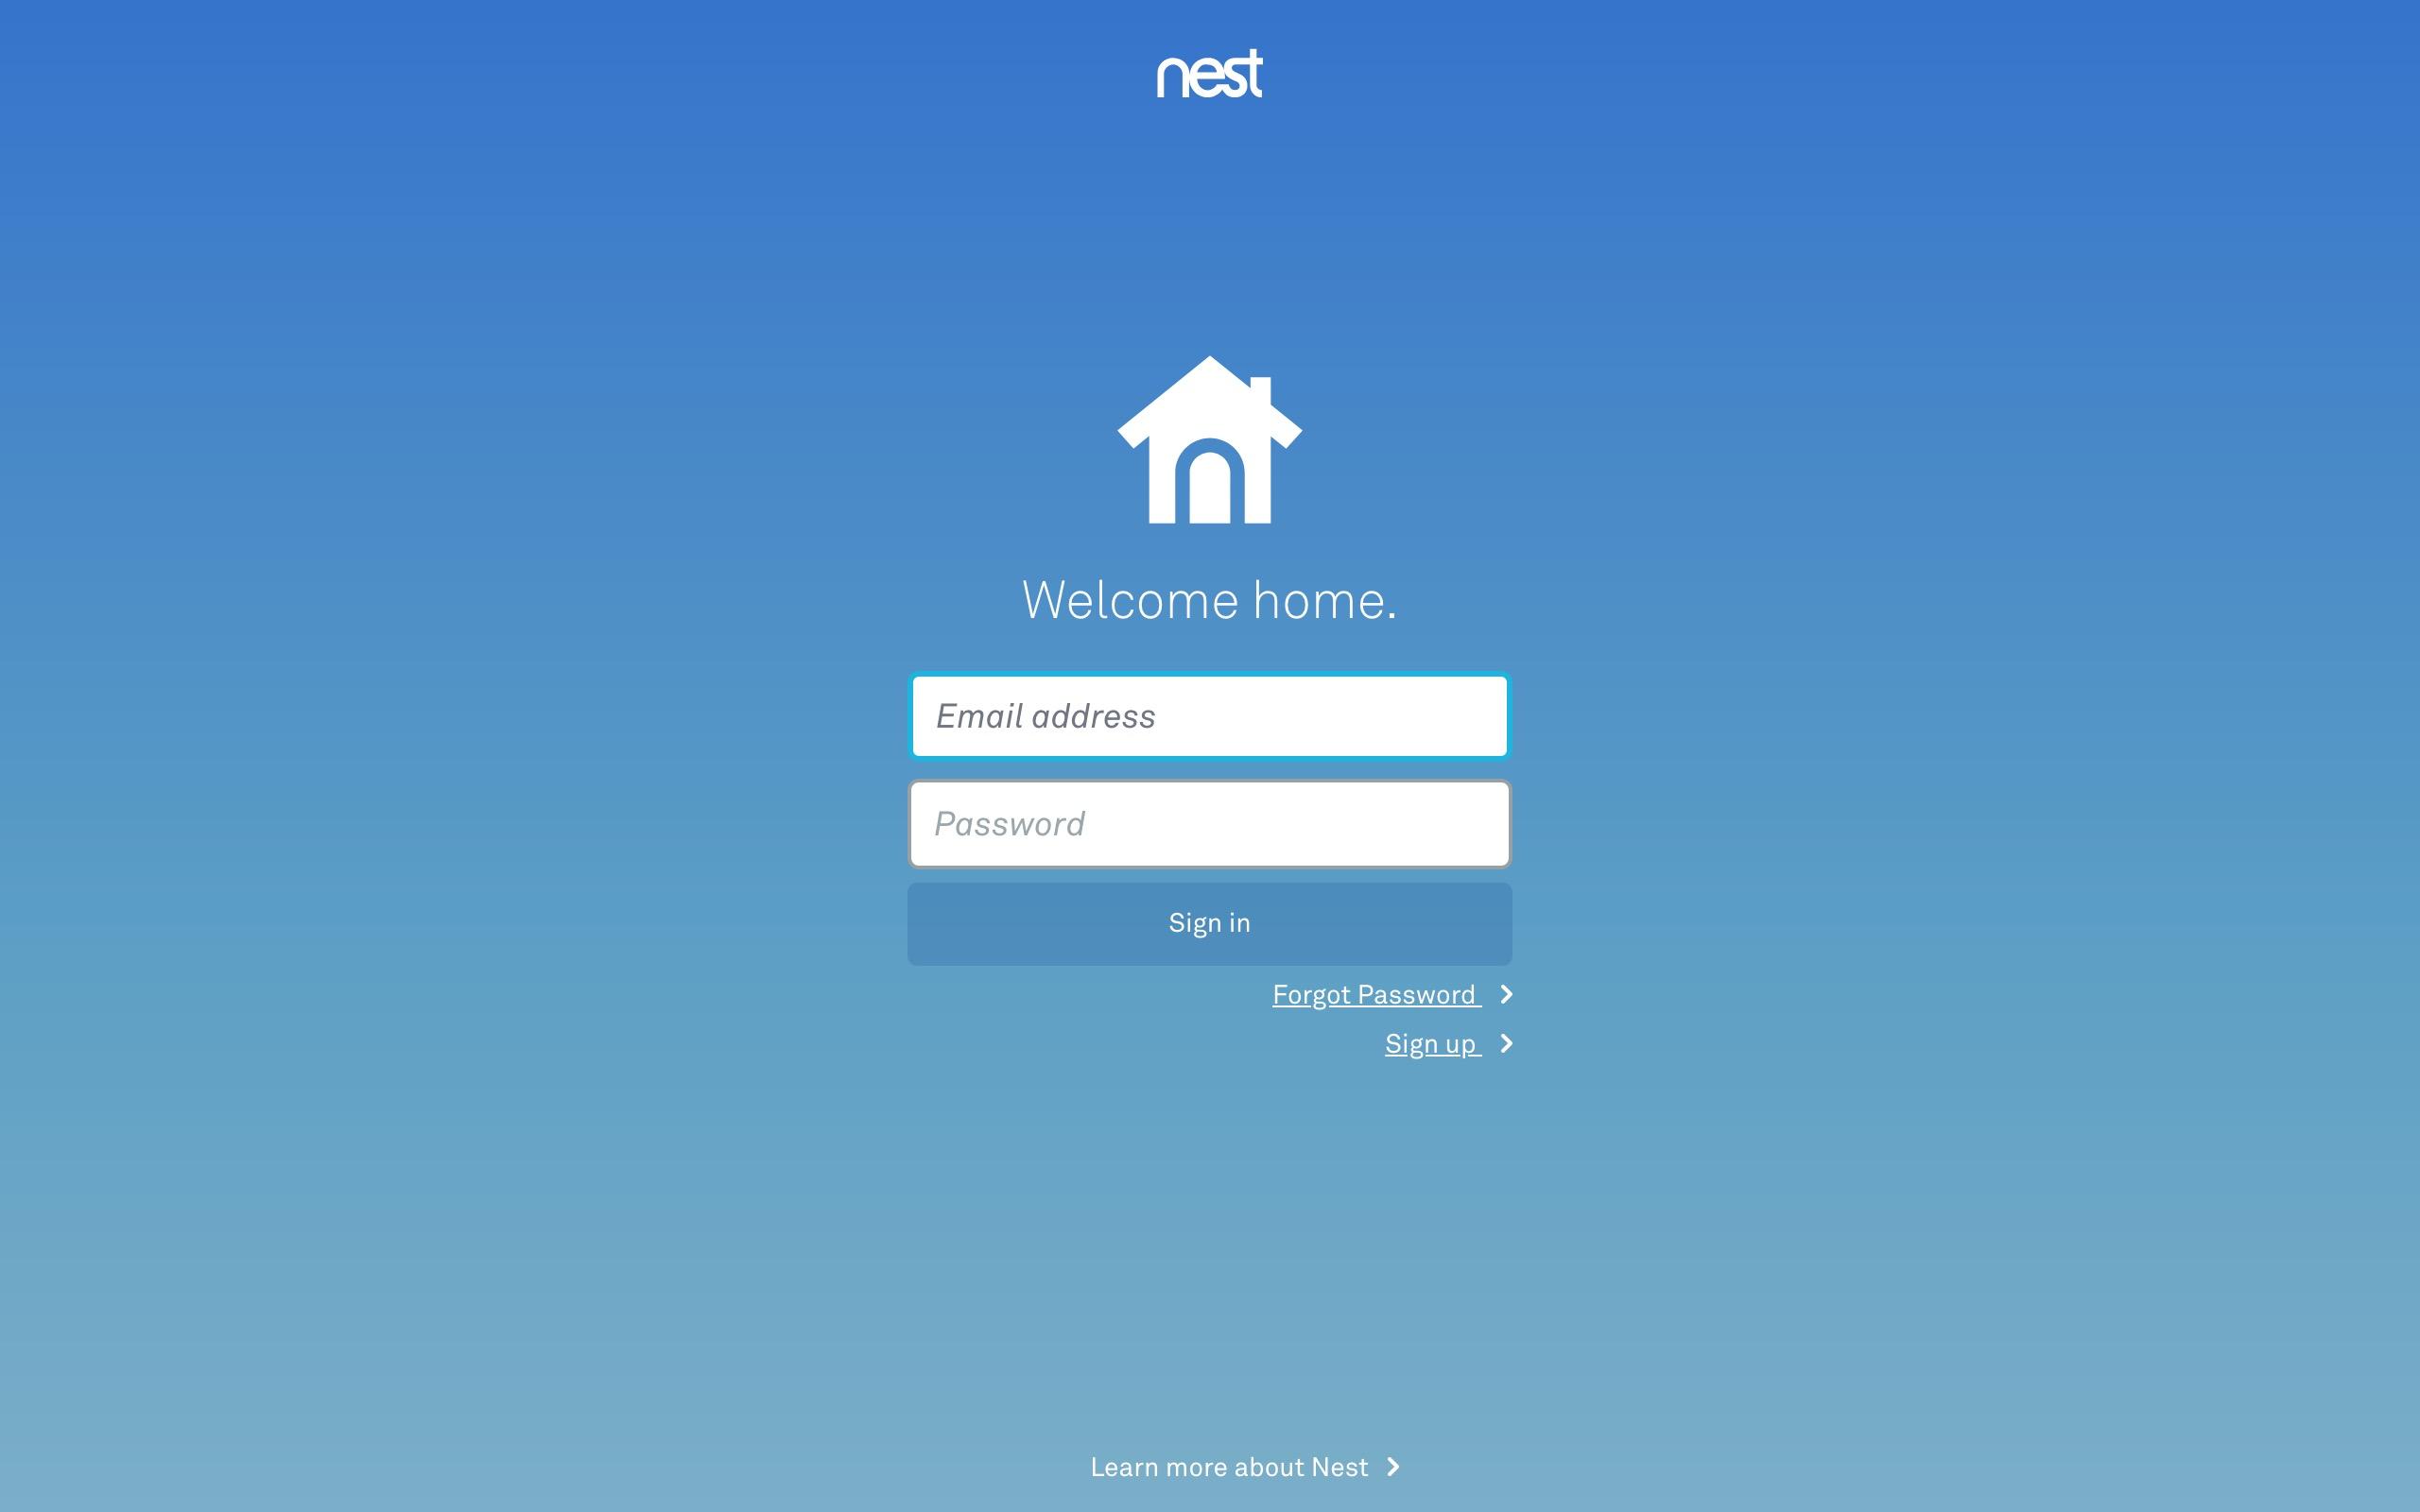 Nest Google login securiy